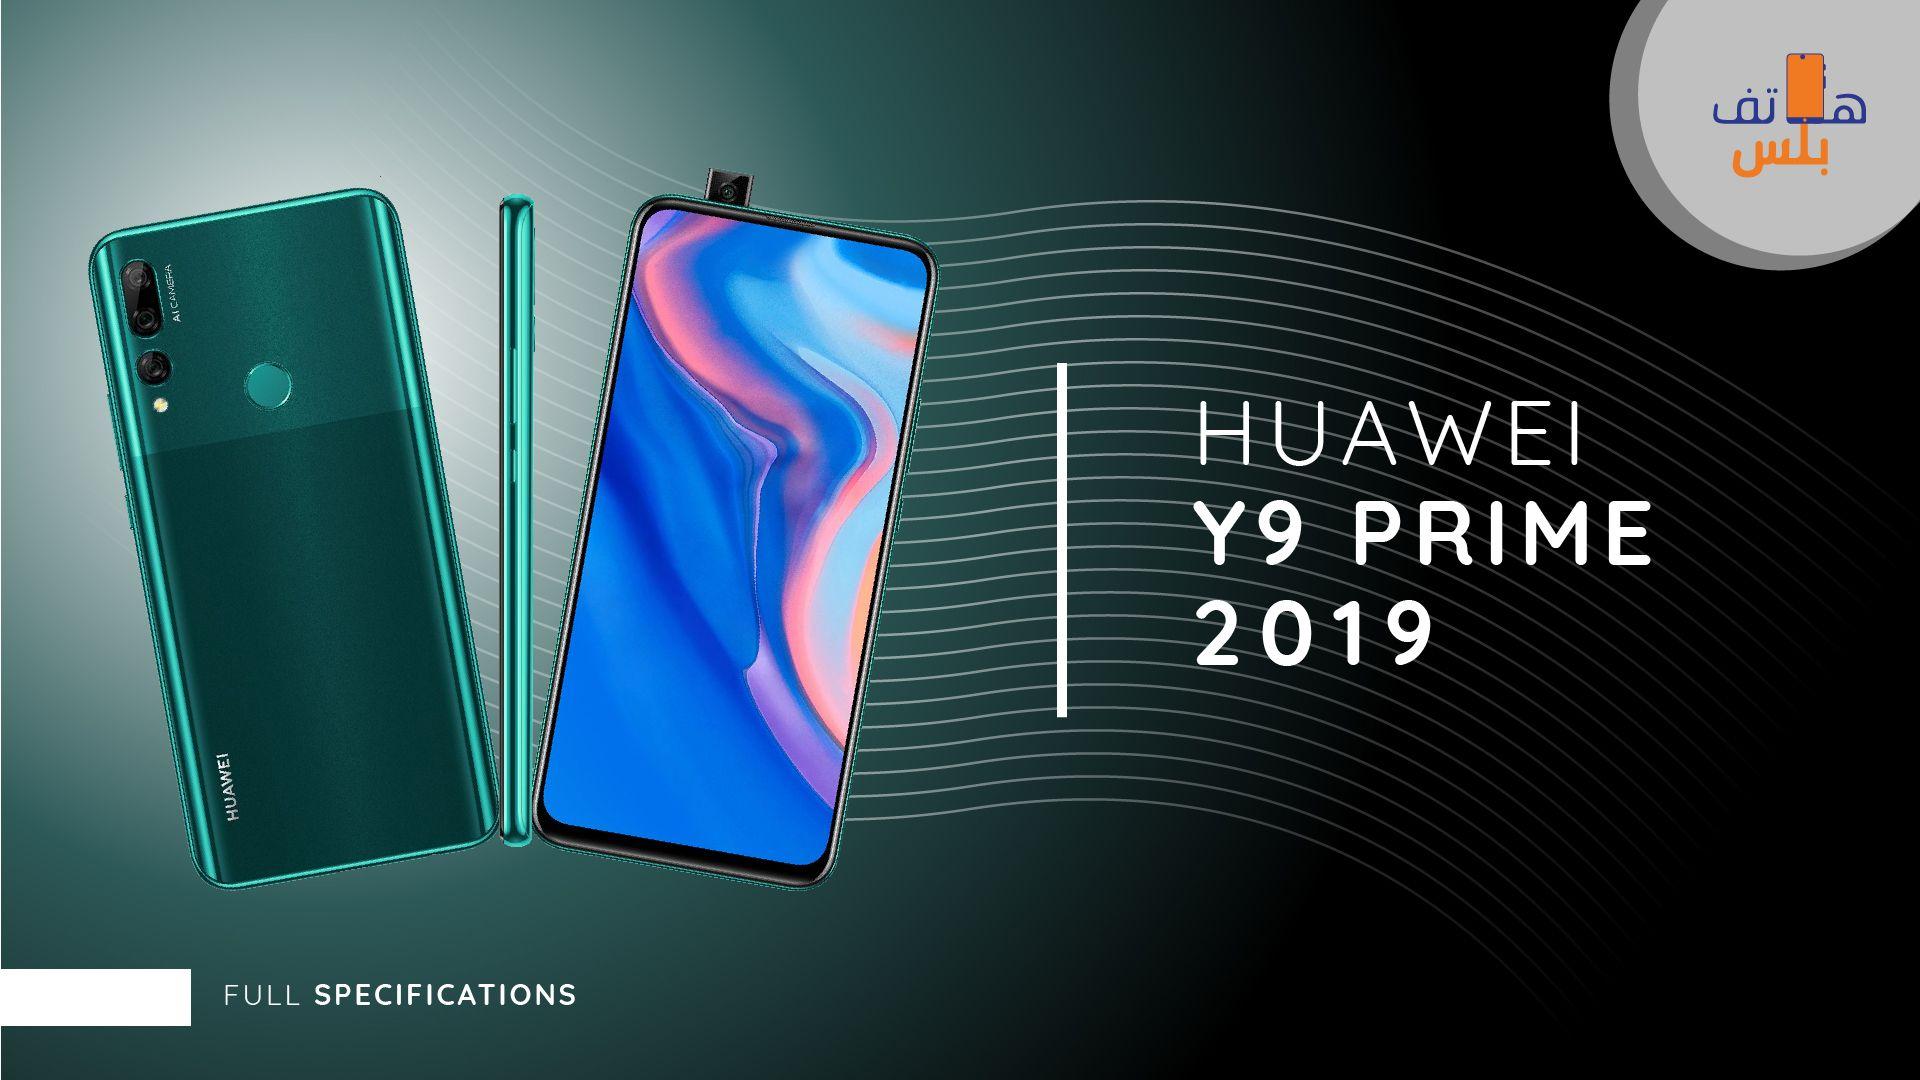 مواصفات هاتف هواوي واي 9 برايم 2019 Huawei Y9 Prime 2019 هاتف بلس Galaxy Phone Samsung Galaxy Phone Samsung Galaxy